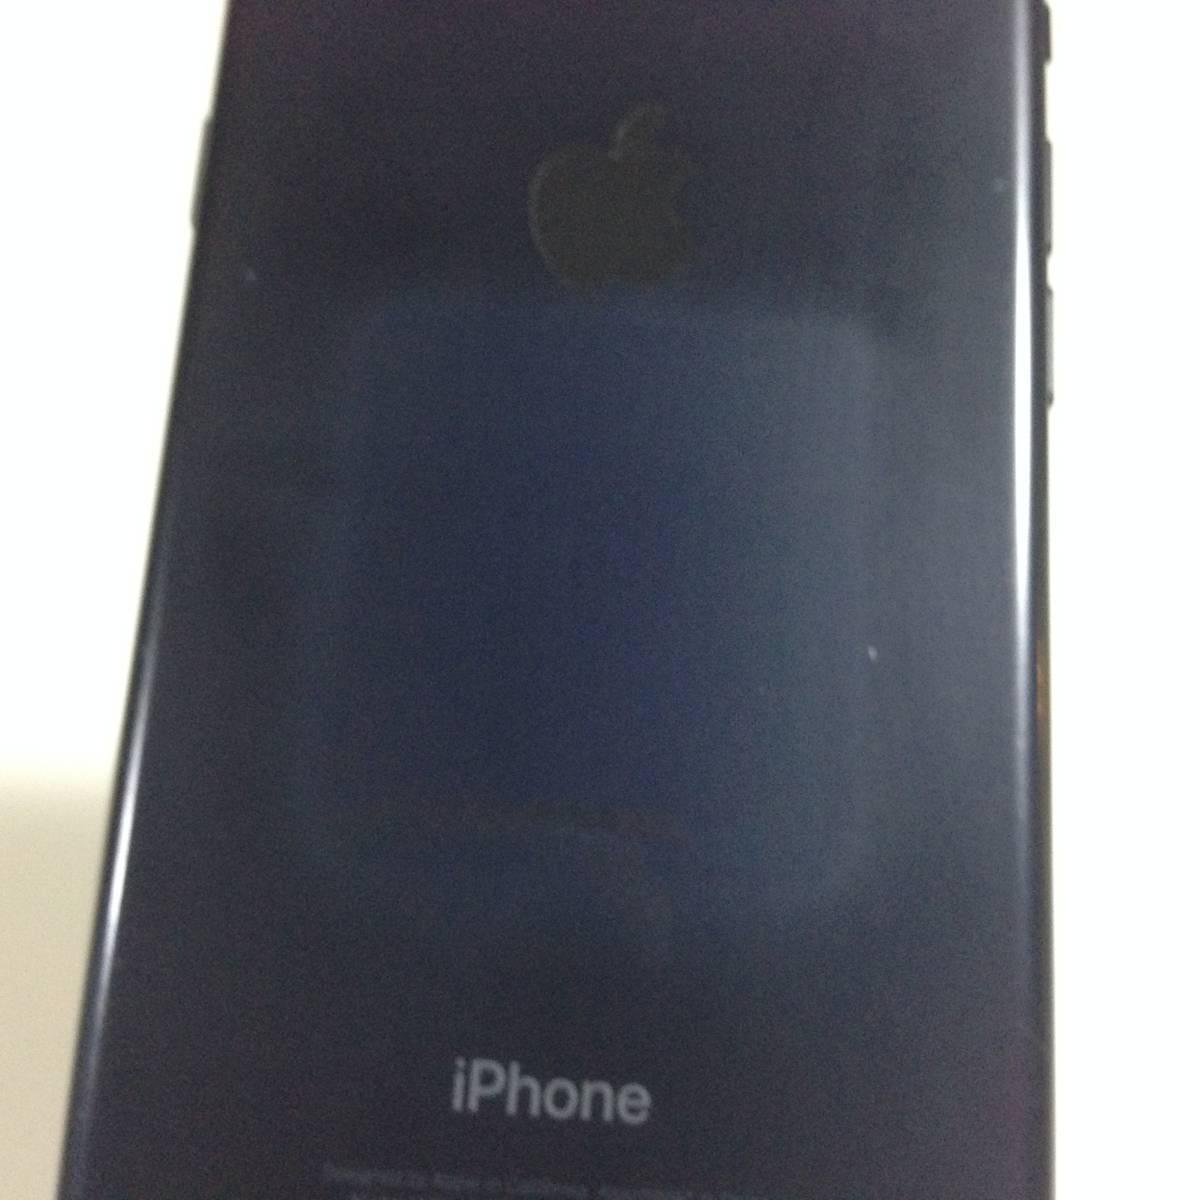 iPhone7 SoftBank 128GB ブラック i7-S-0987_画像3